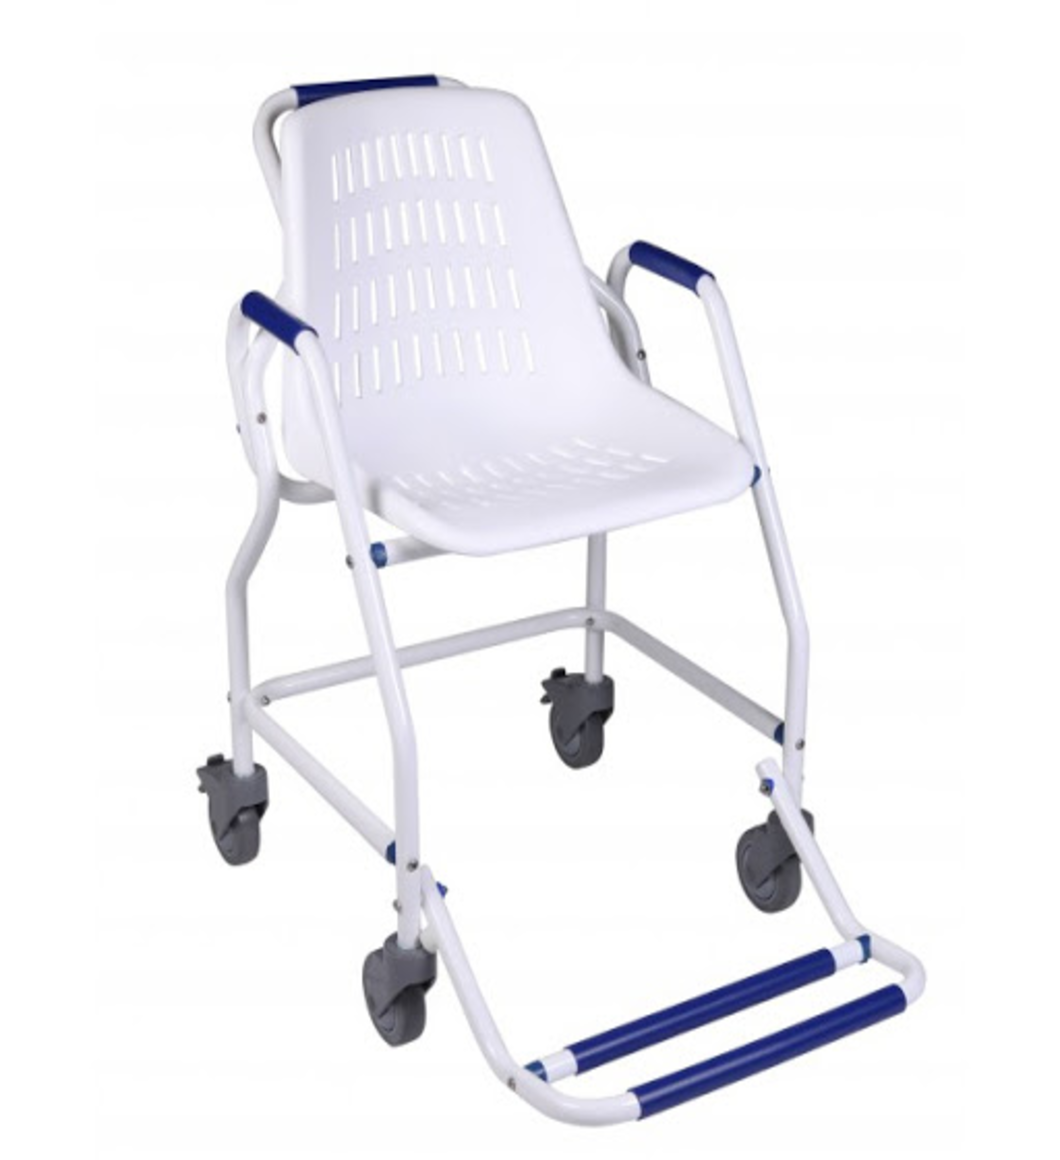 Chaise à roulettes étanche ATLANTIS herdegen